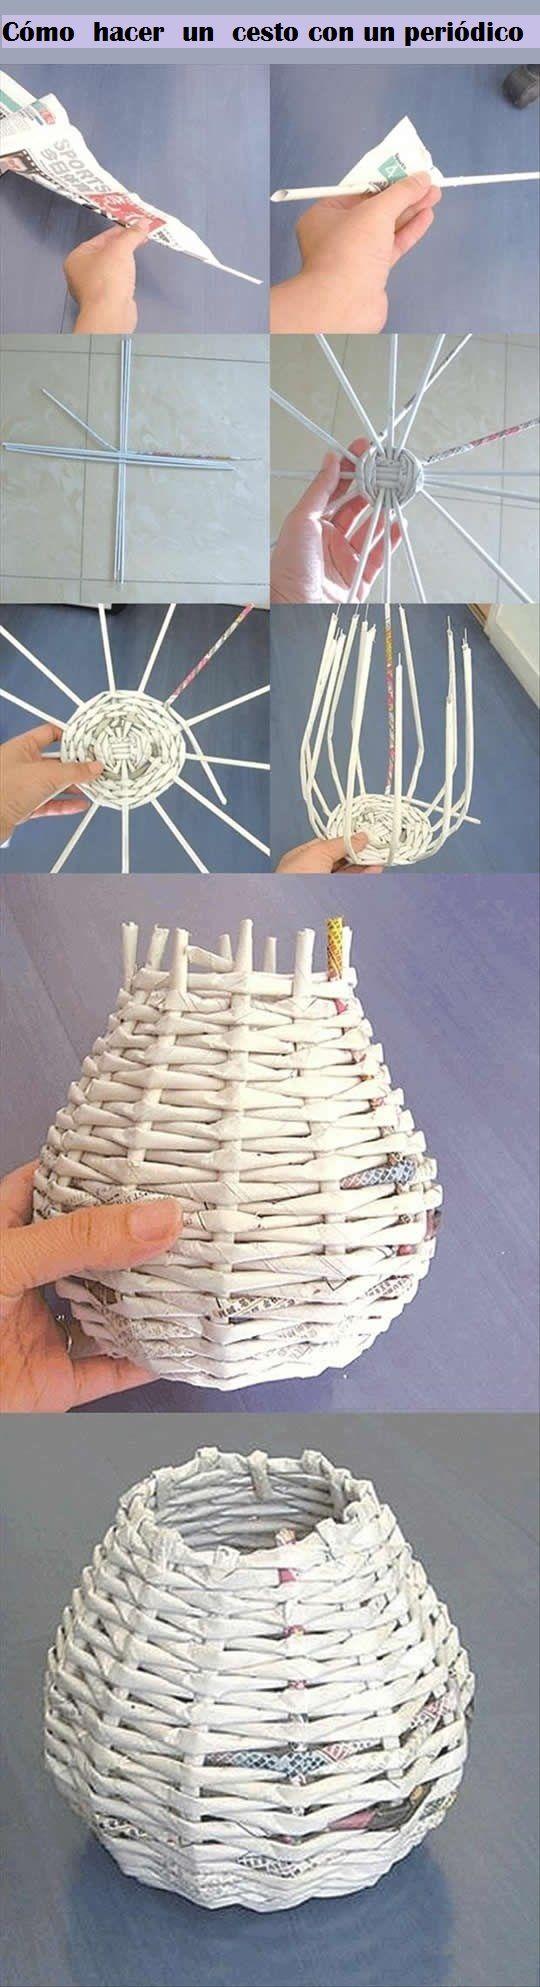 DIY y manualidades: Cómo hacer un cesto con un periódico | Reciclaje - #DIY – Recycling ecoagricultor.com